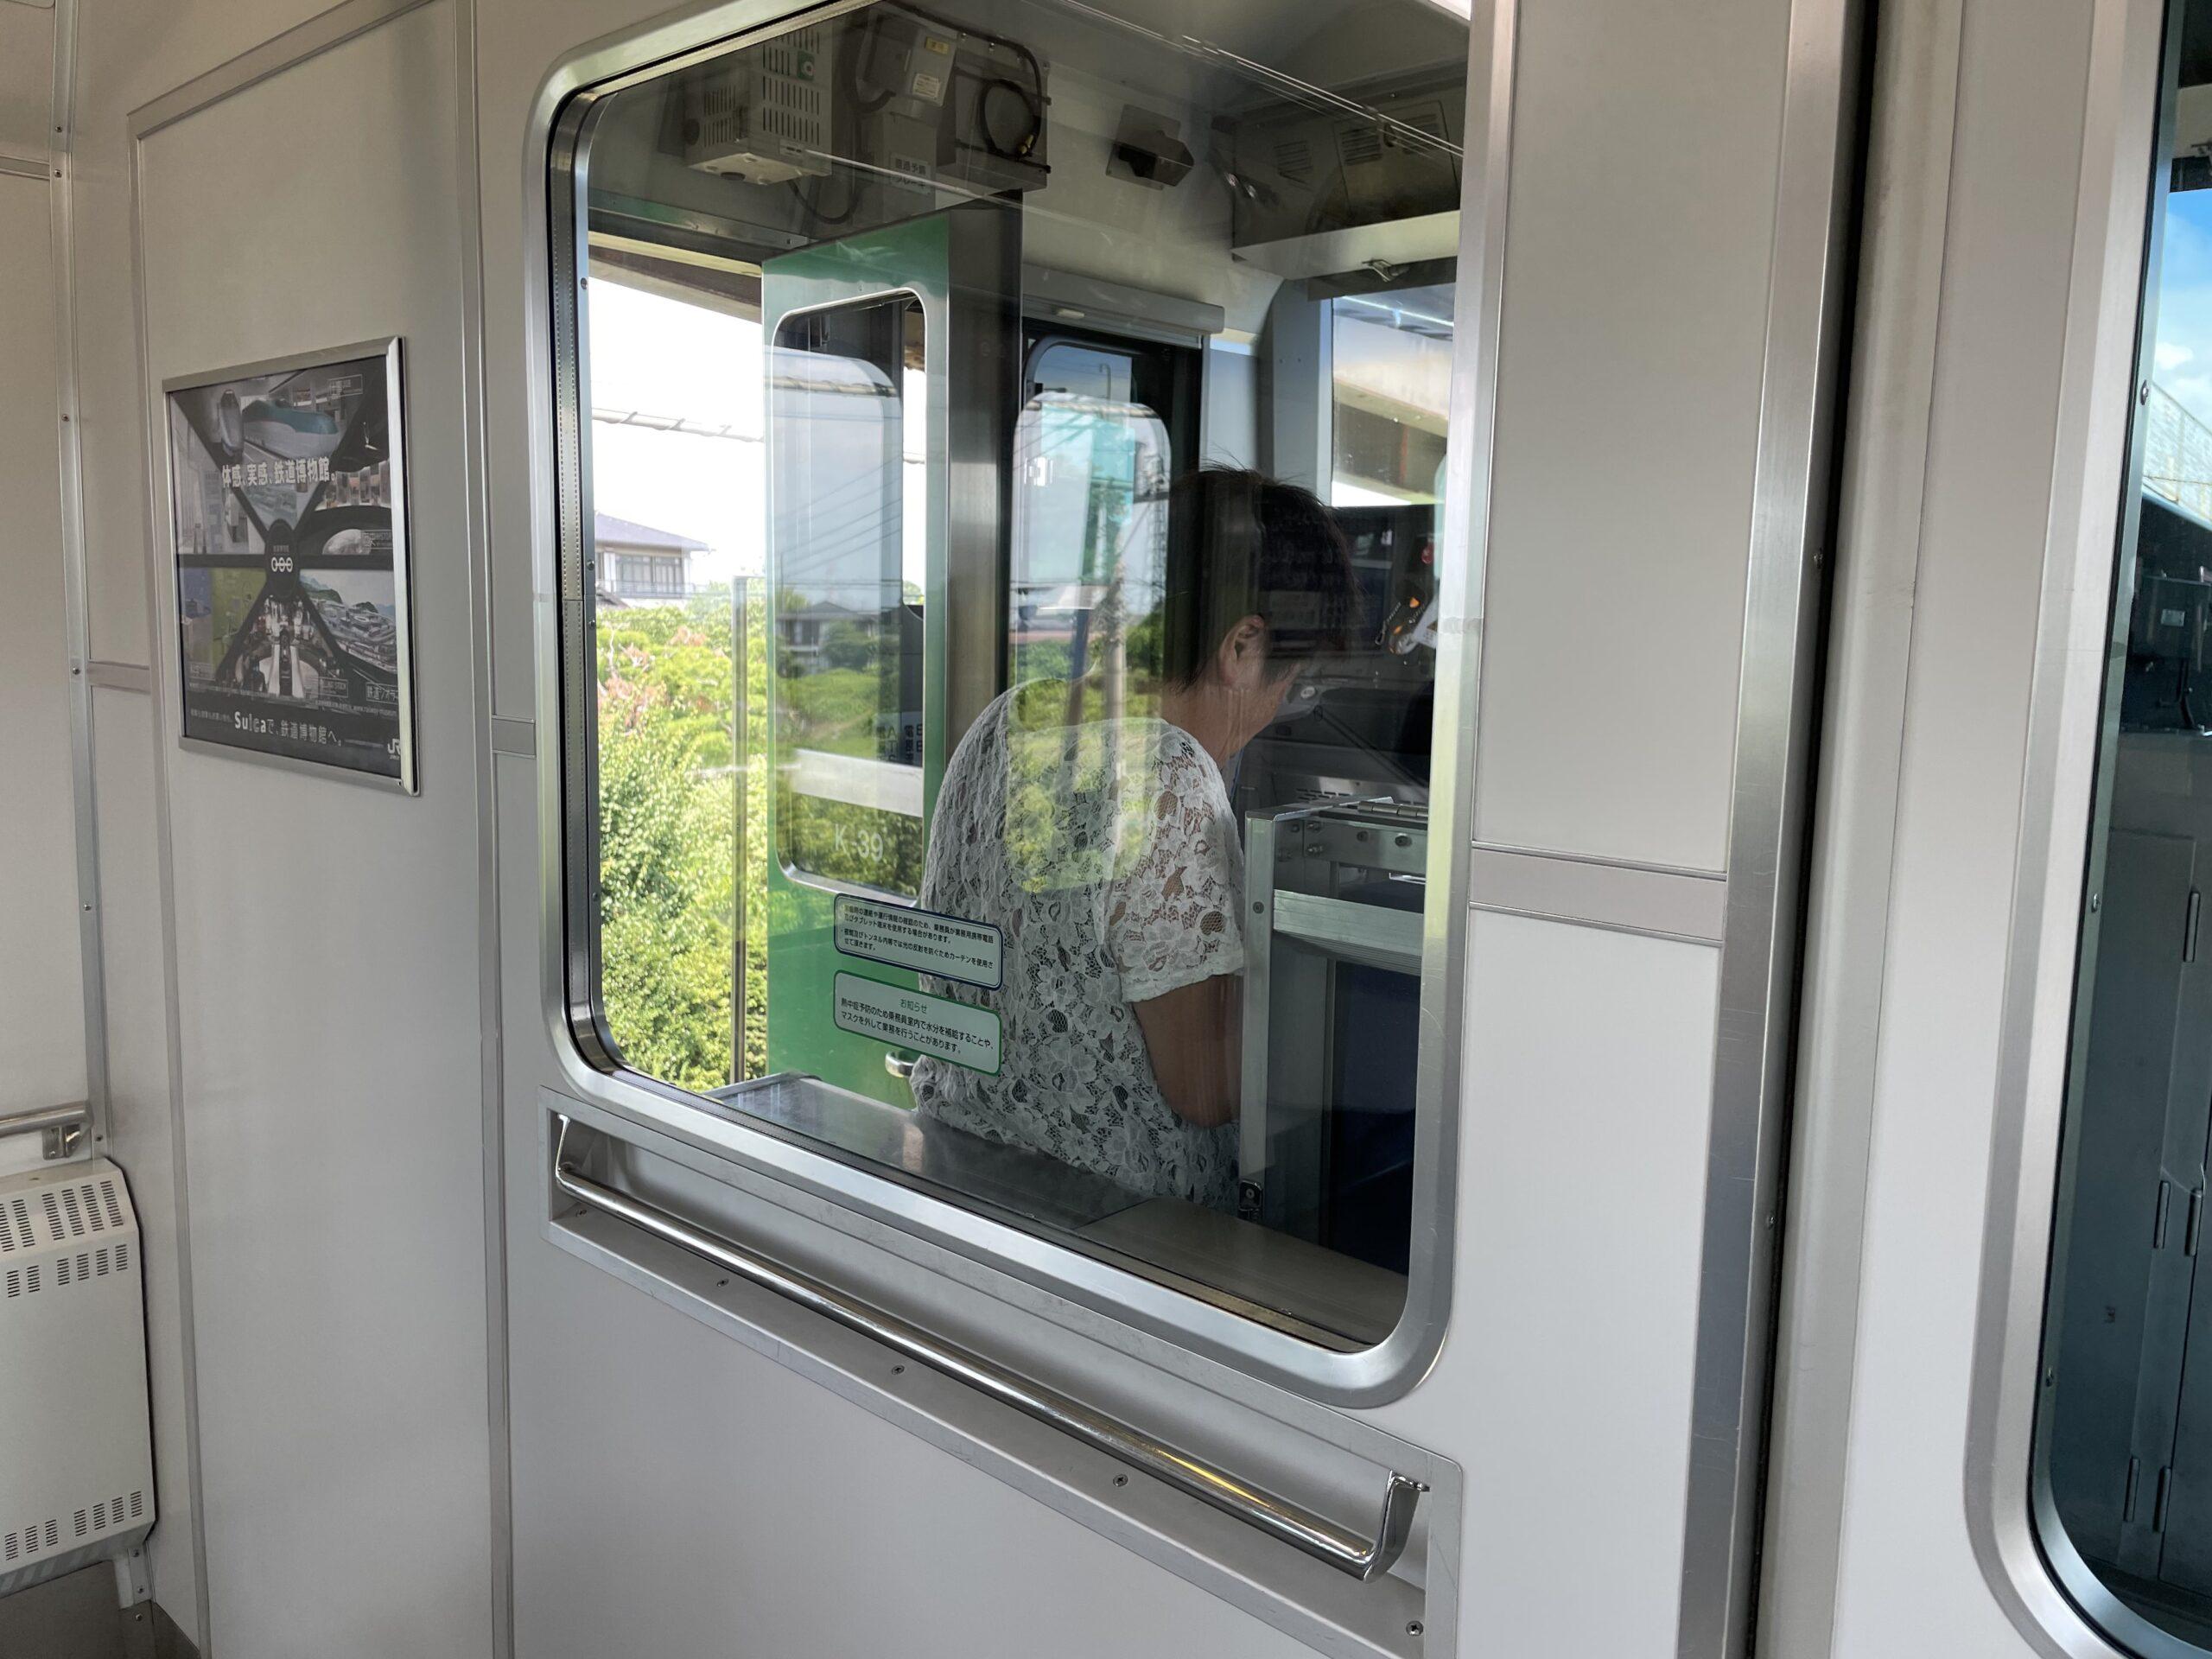 【運転士ブチ切れ】高崎線で高齢女性が線路内侵入 呼びかけに応じず運転士が保護 警察送りに